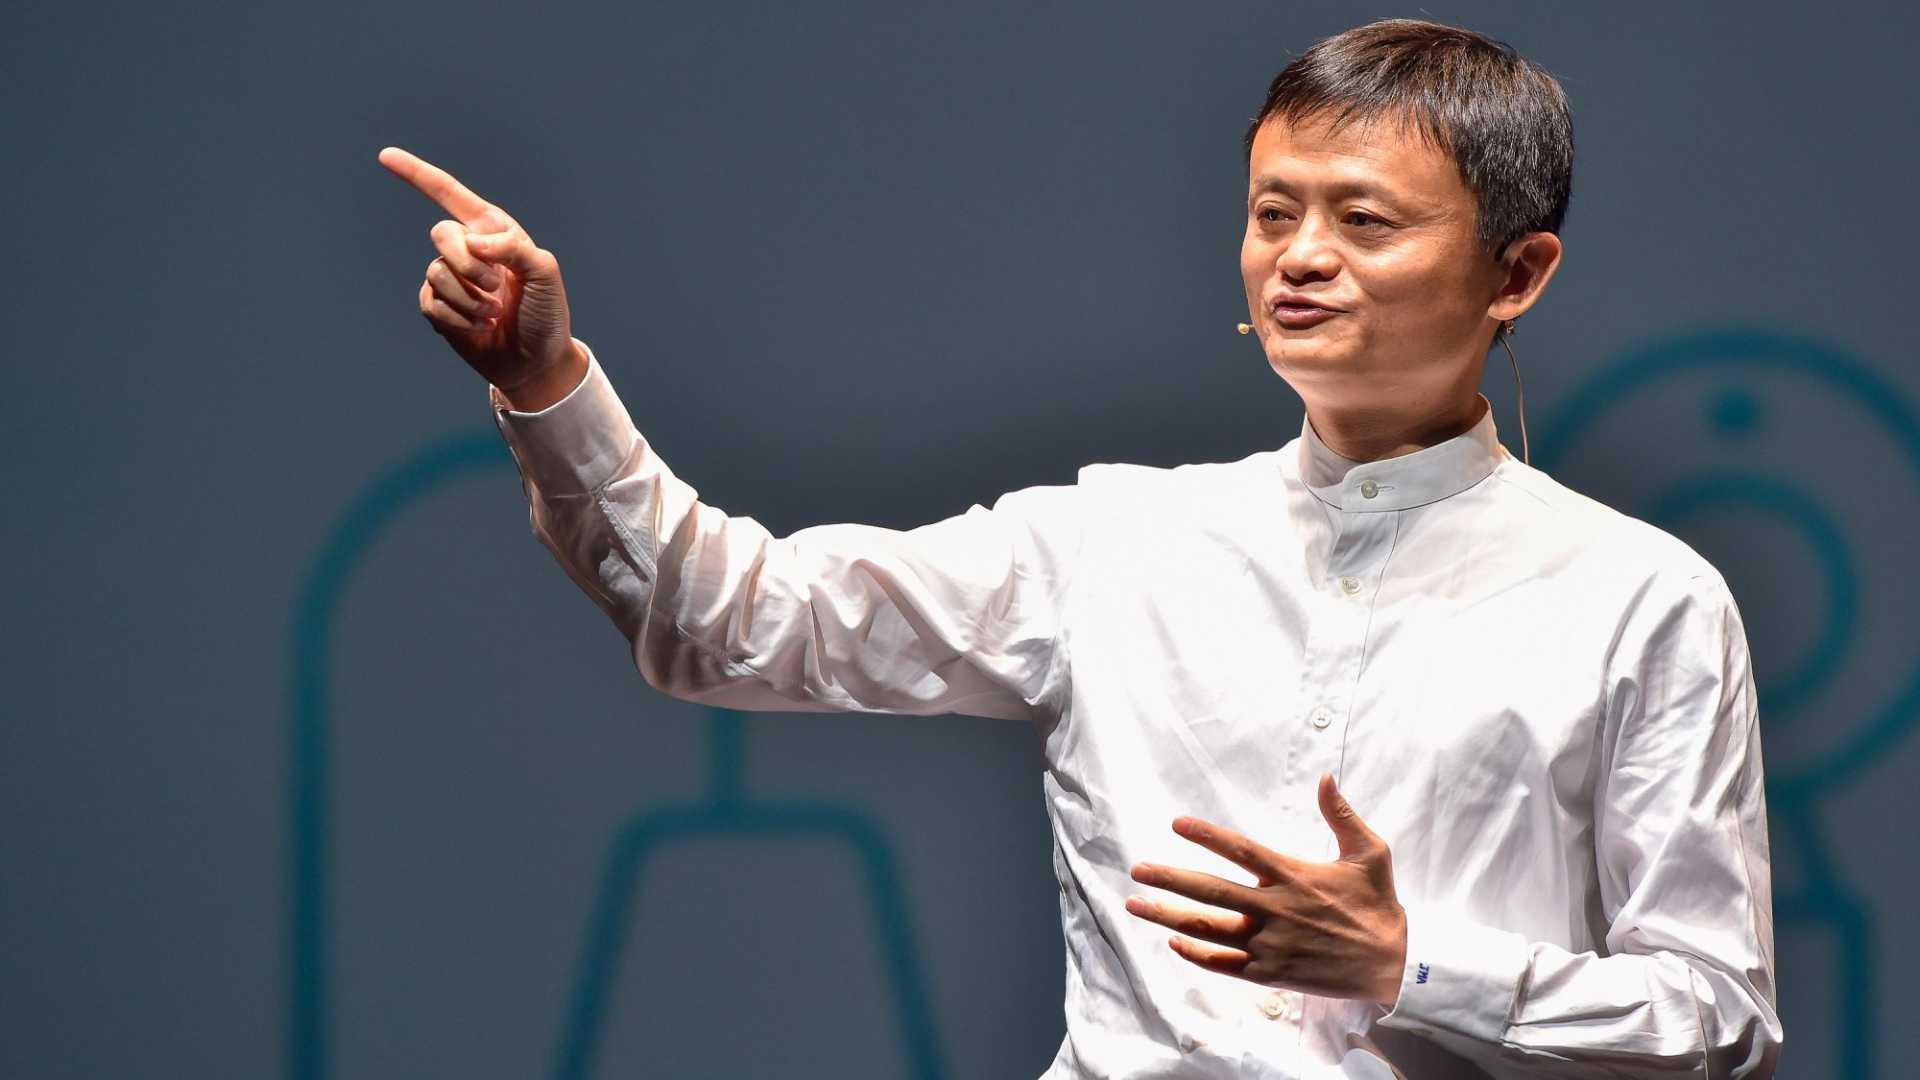 Want to  Build A $420 Billion Company Like Jack Ma? Do This